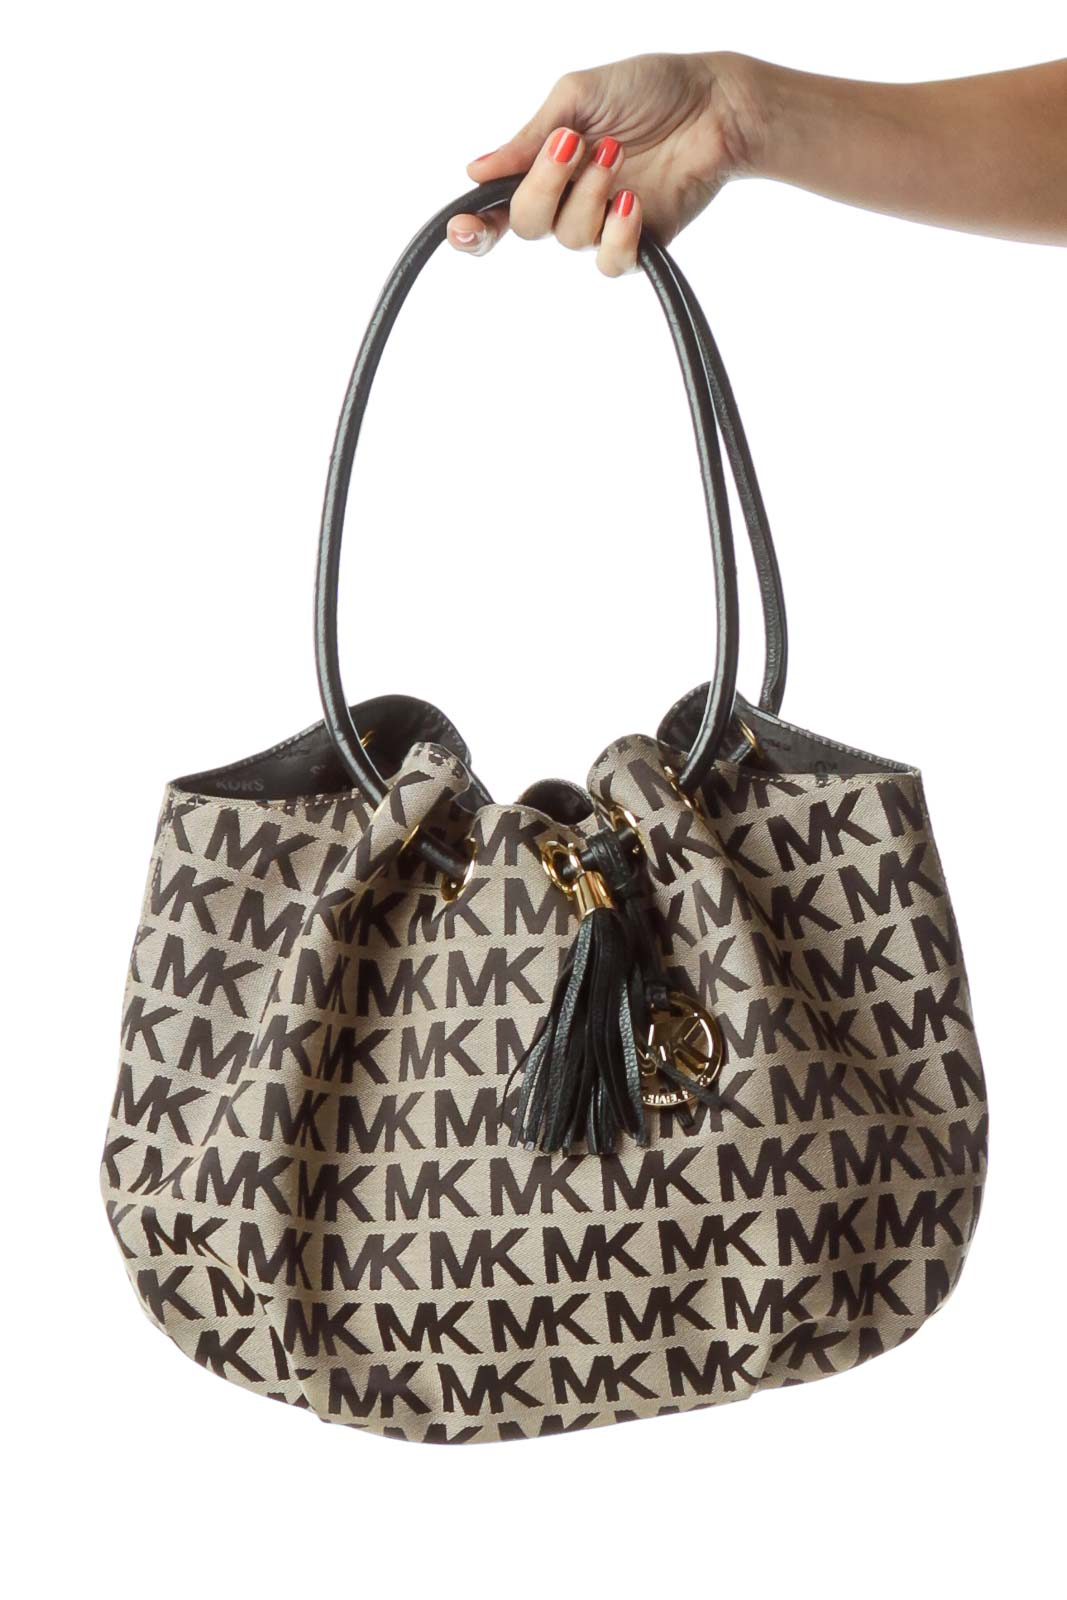 2f3c44f477b Shop Beige Black Monogrammed Shoulder Bag clothing and handbags at ...